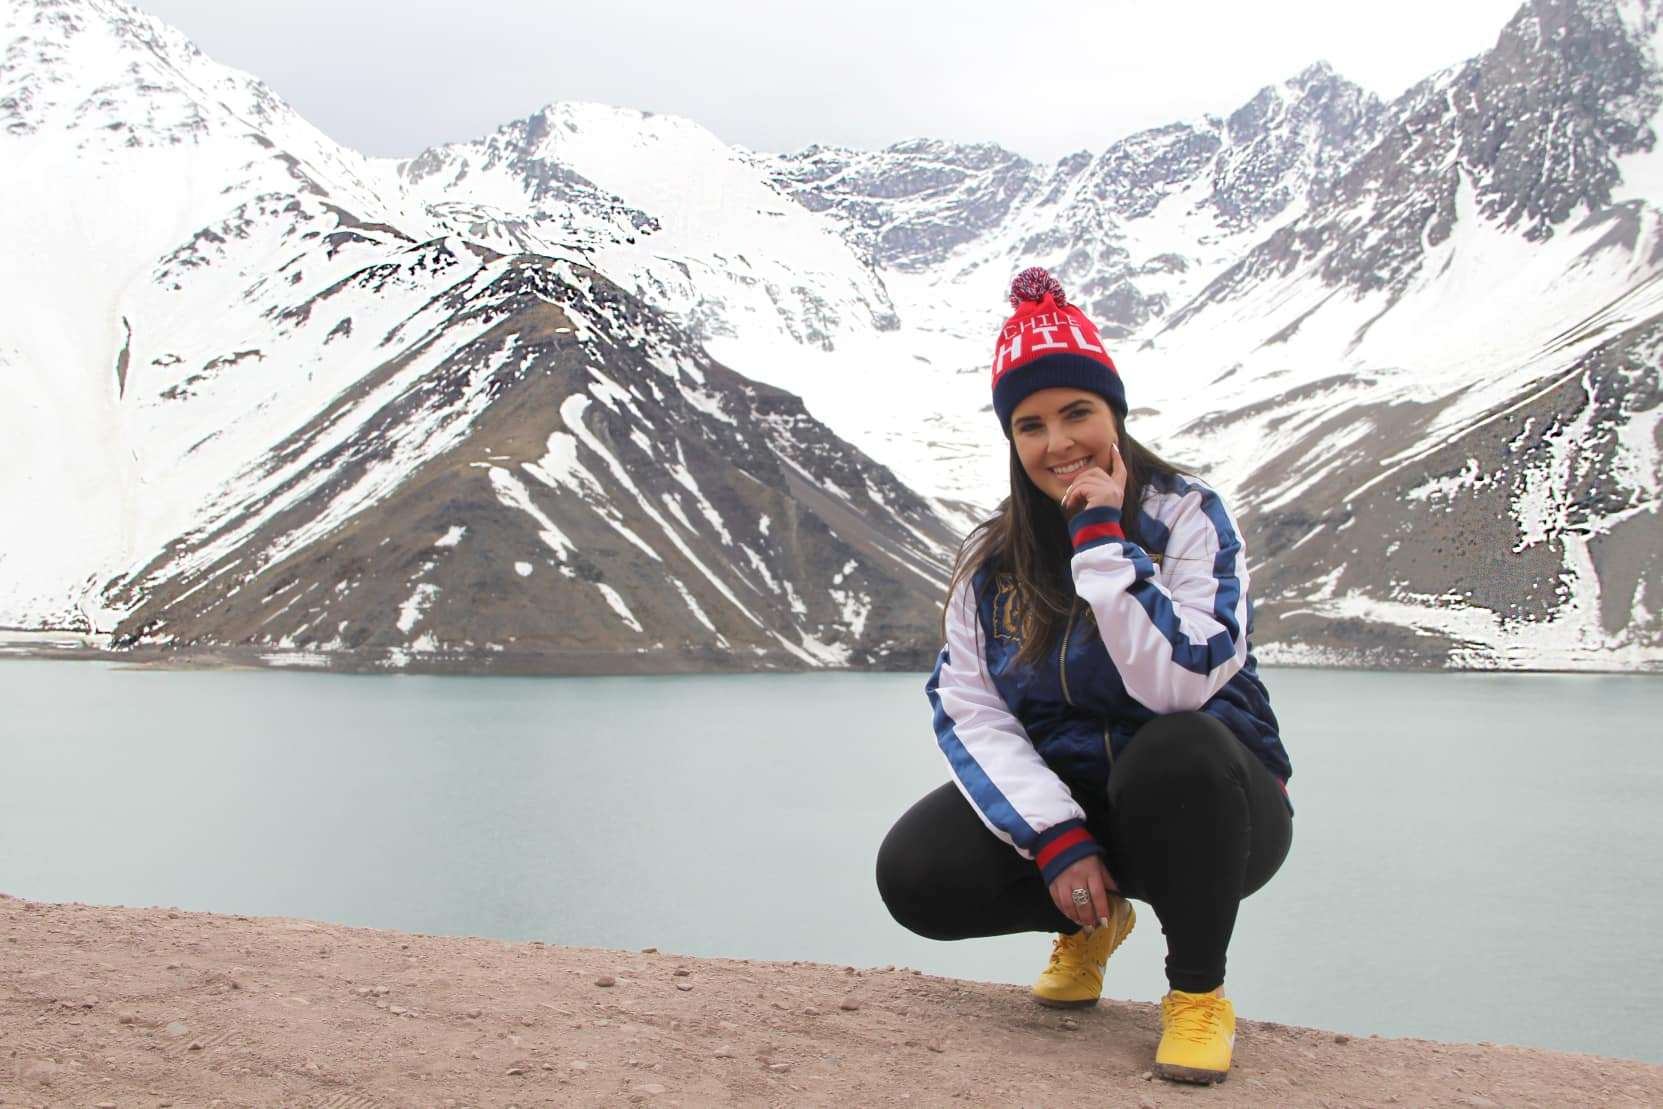 Cantora e atrizNaty Meg com seu novo trabalho no Chile